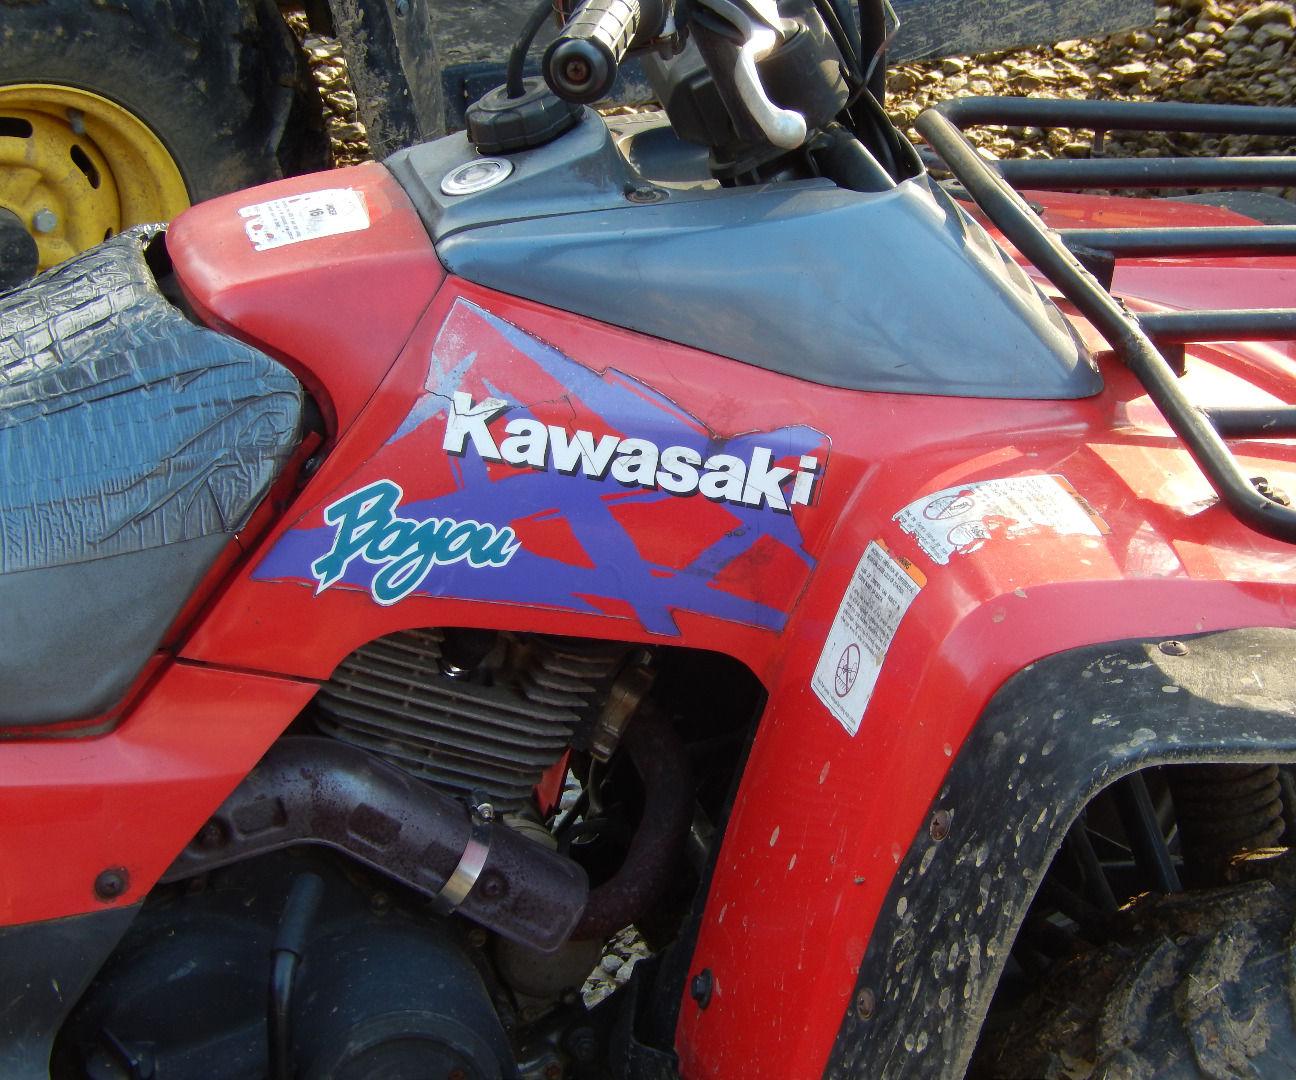 hight resolution of kawasaki bayou 300 fuse box wiring diagram yer kawasaki 300 fuse box